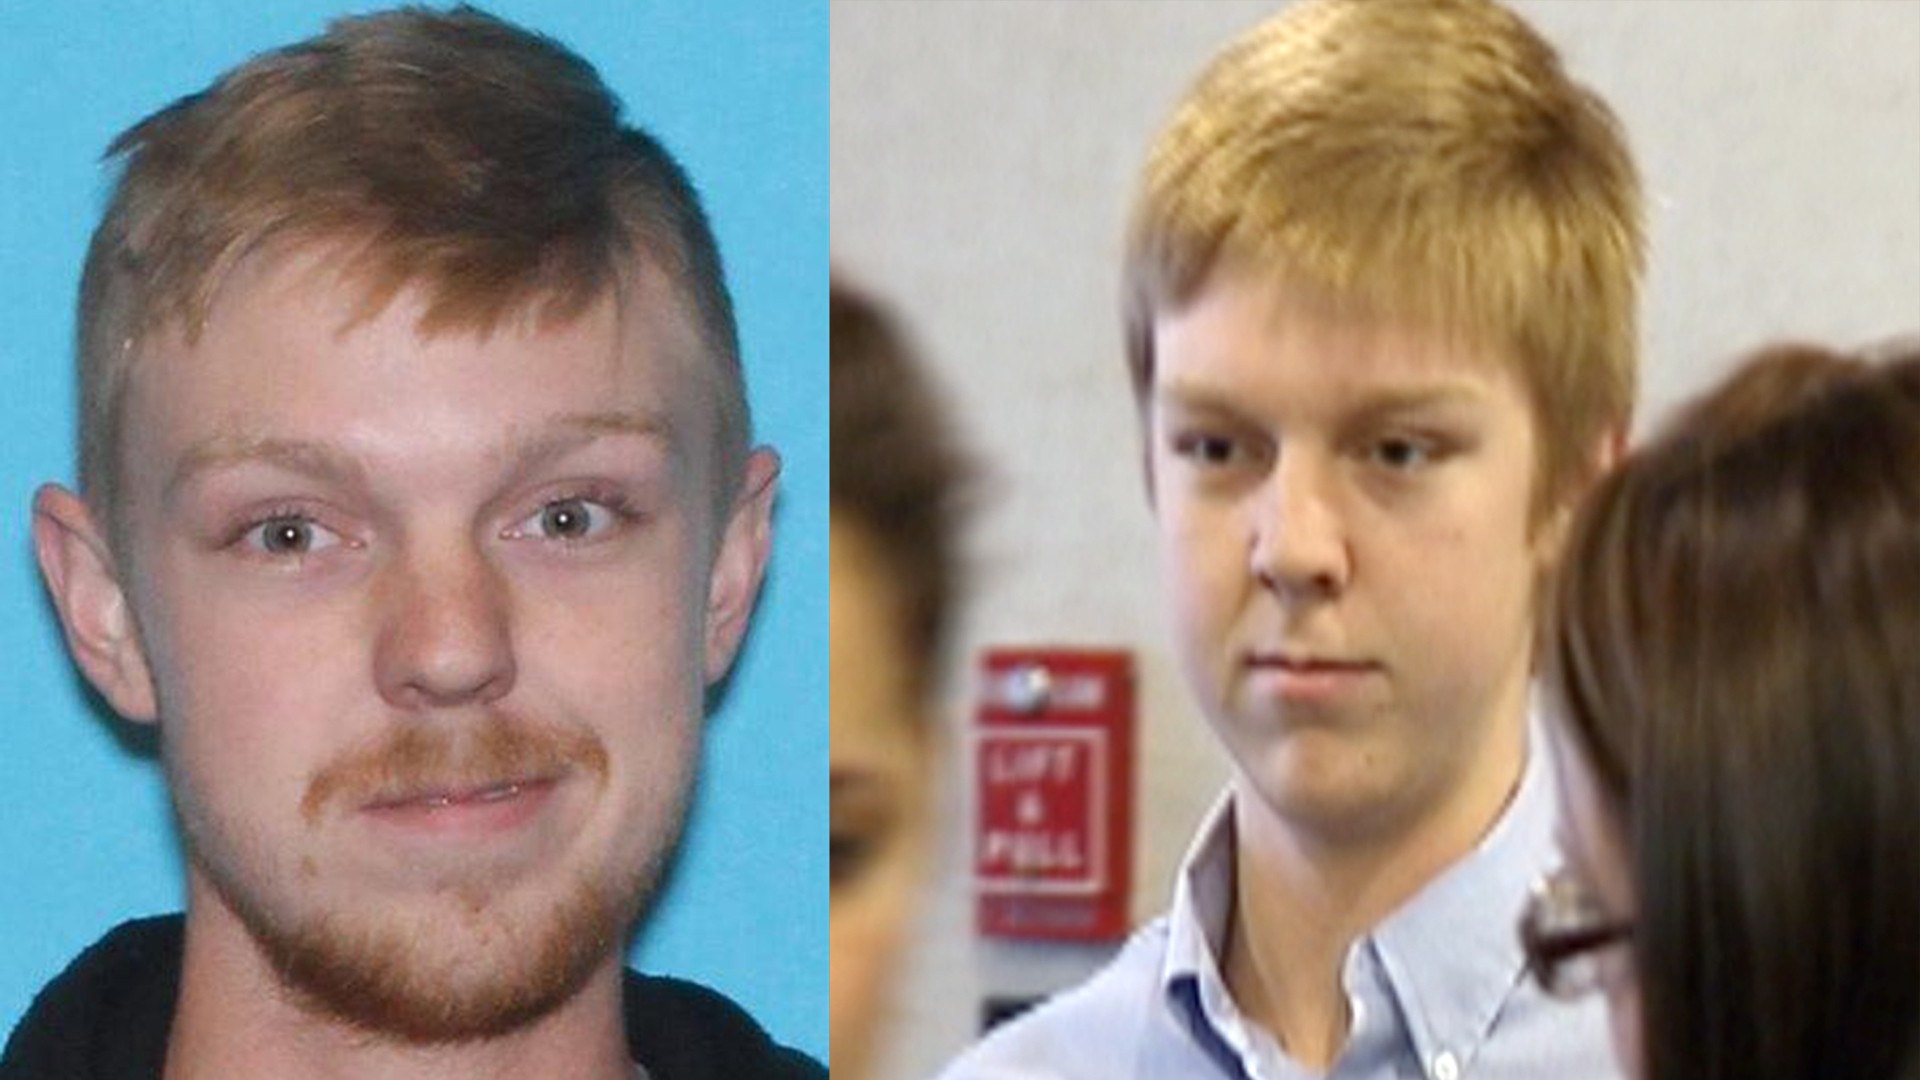 U.S. Marshals offer $5,000 reward for 'affluenza teen' turned fugitive